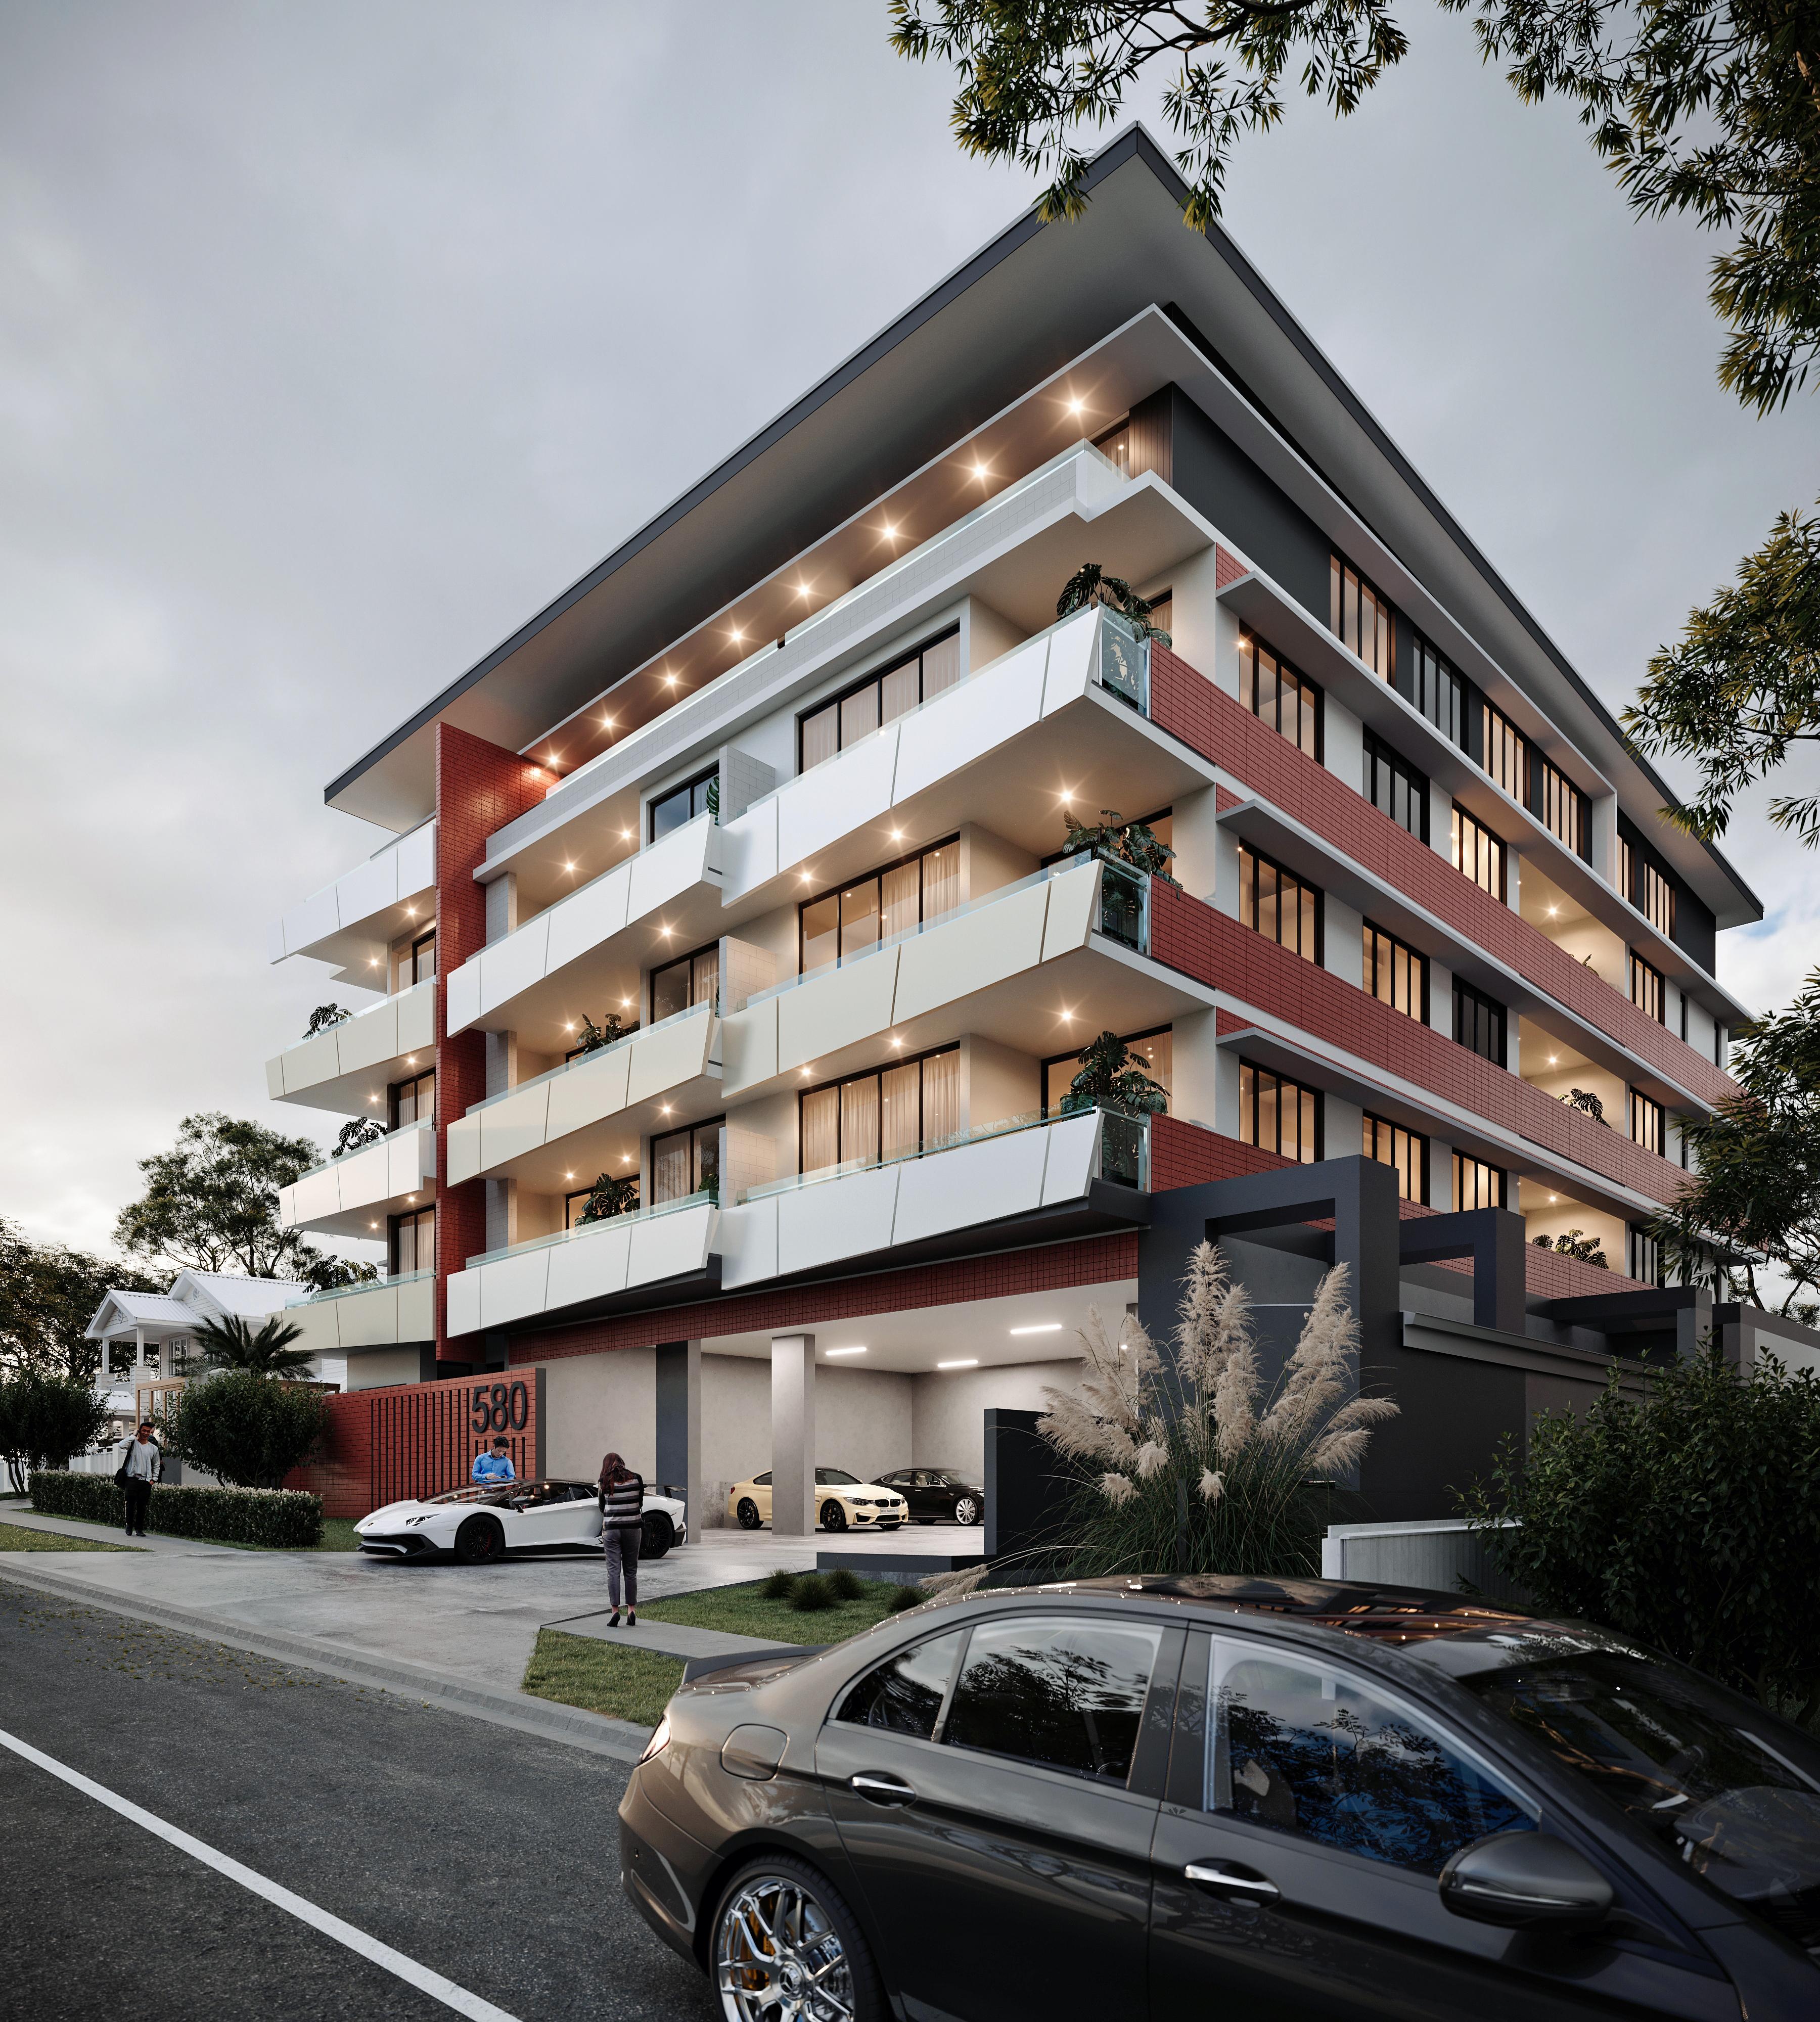 A little bit of Zen on offer in leafy Brisbane suburb